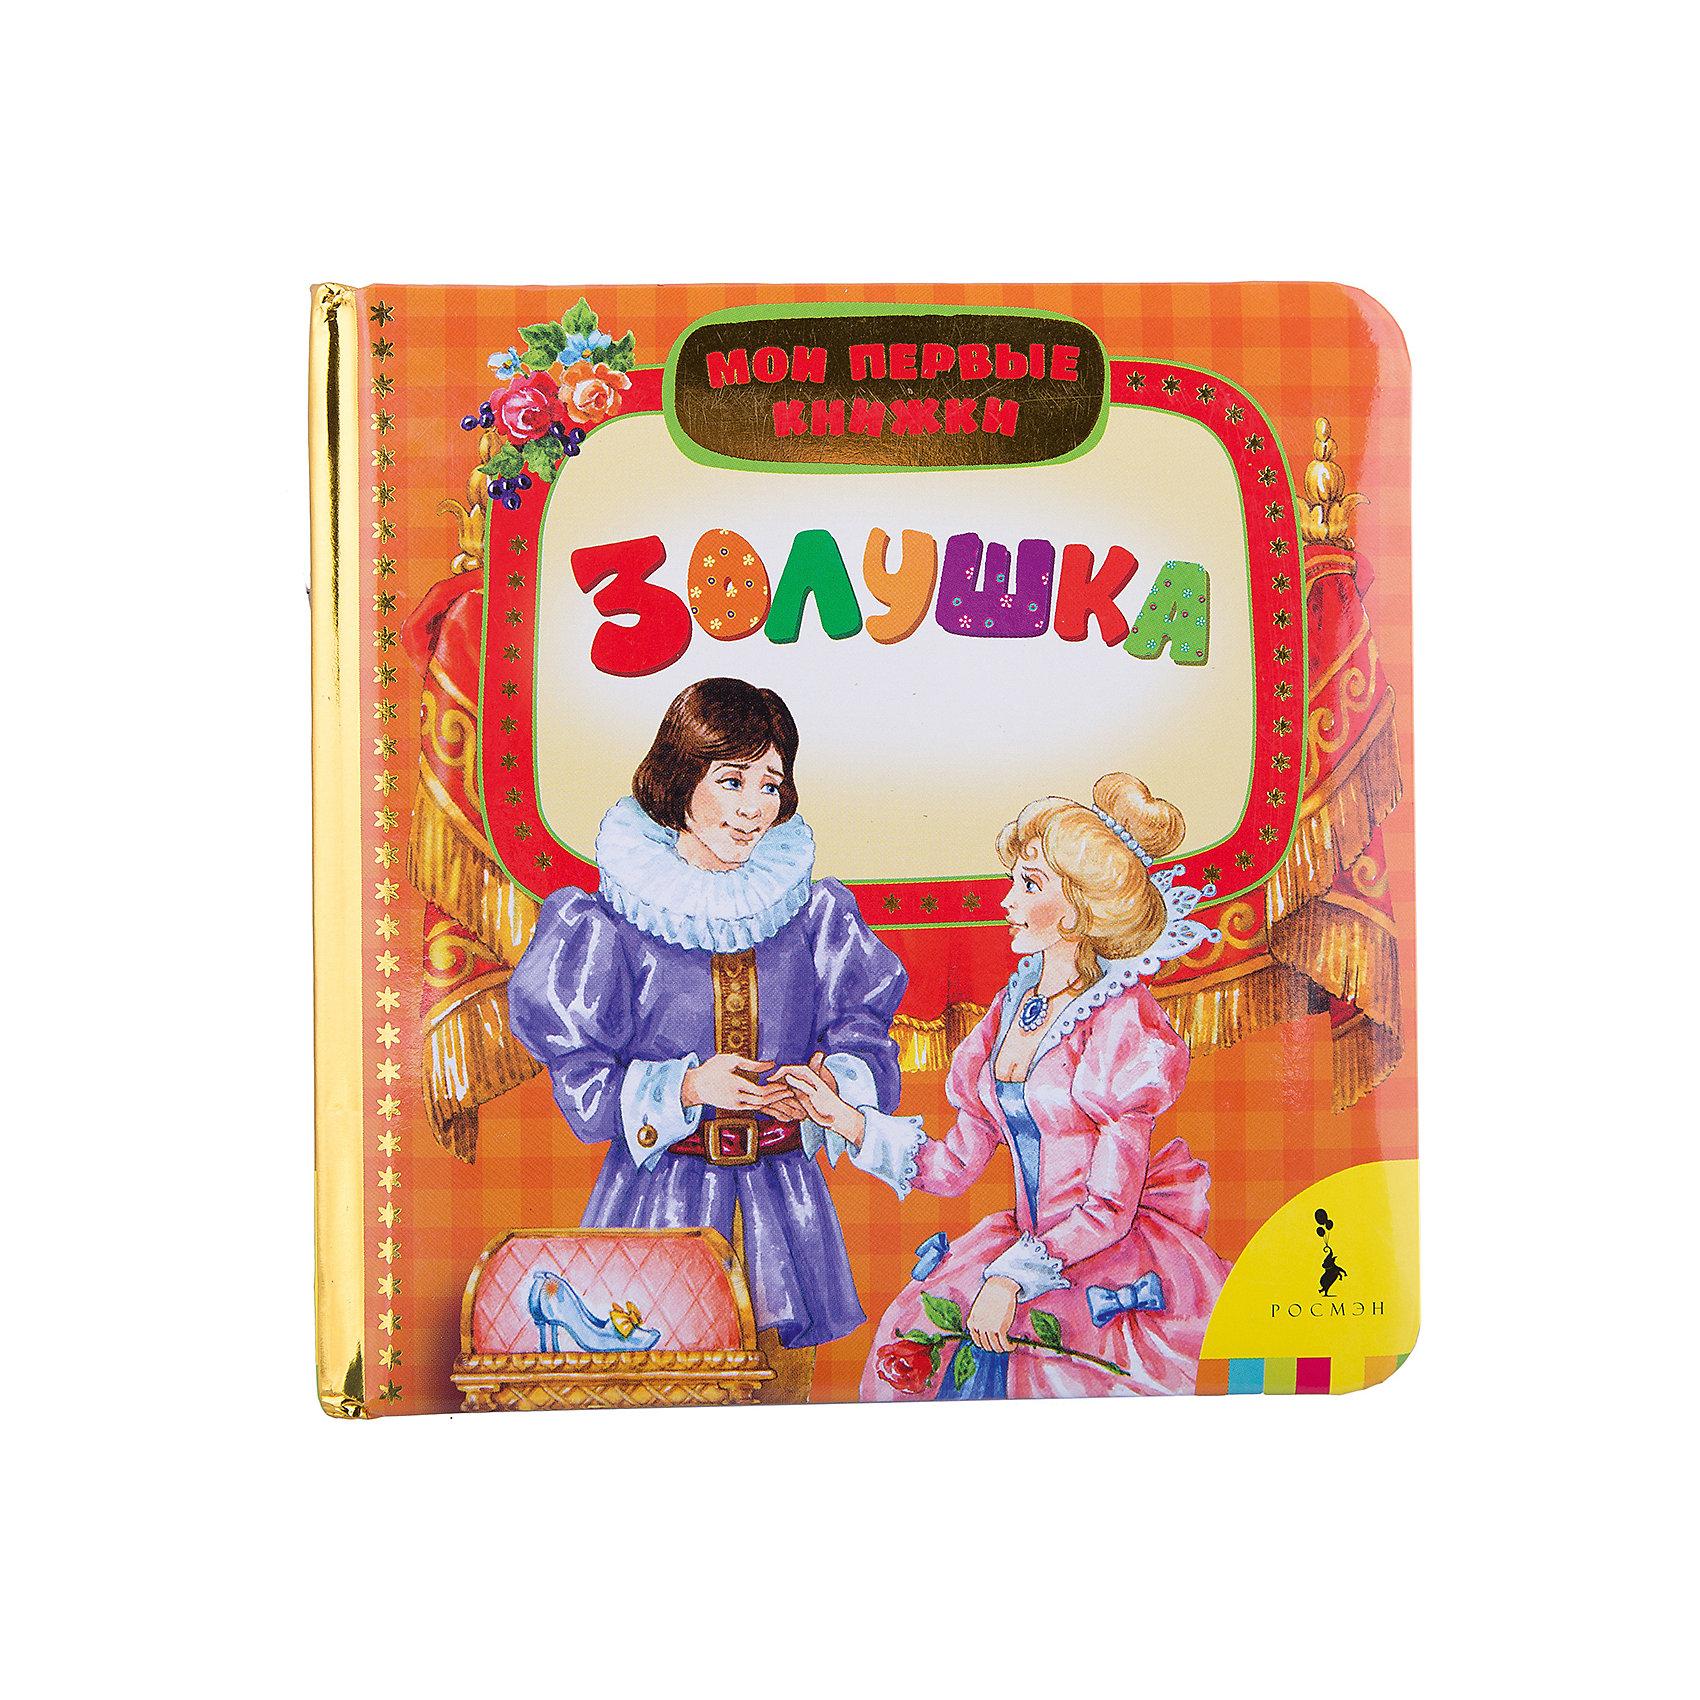 Росмэн Золушка (Мои первые книжки) книжки картонки росмэн первые книжки малыша гадкий утёнок